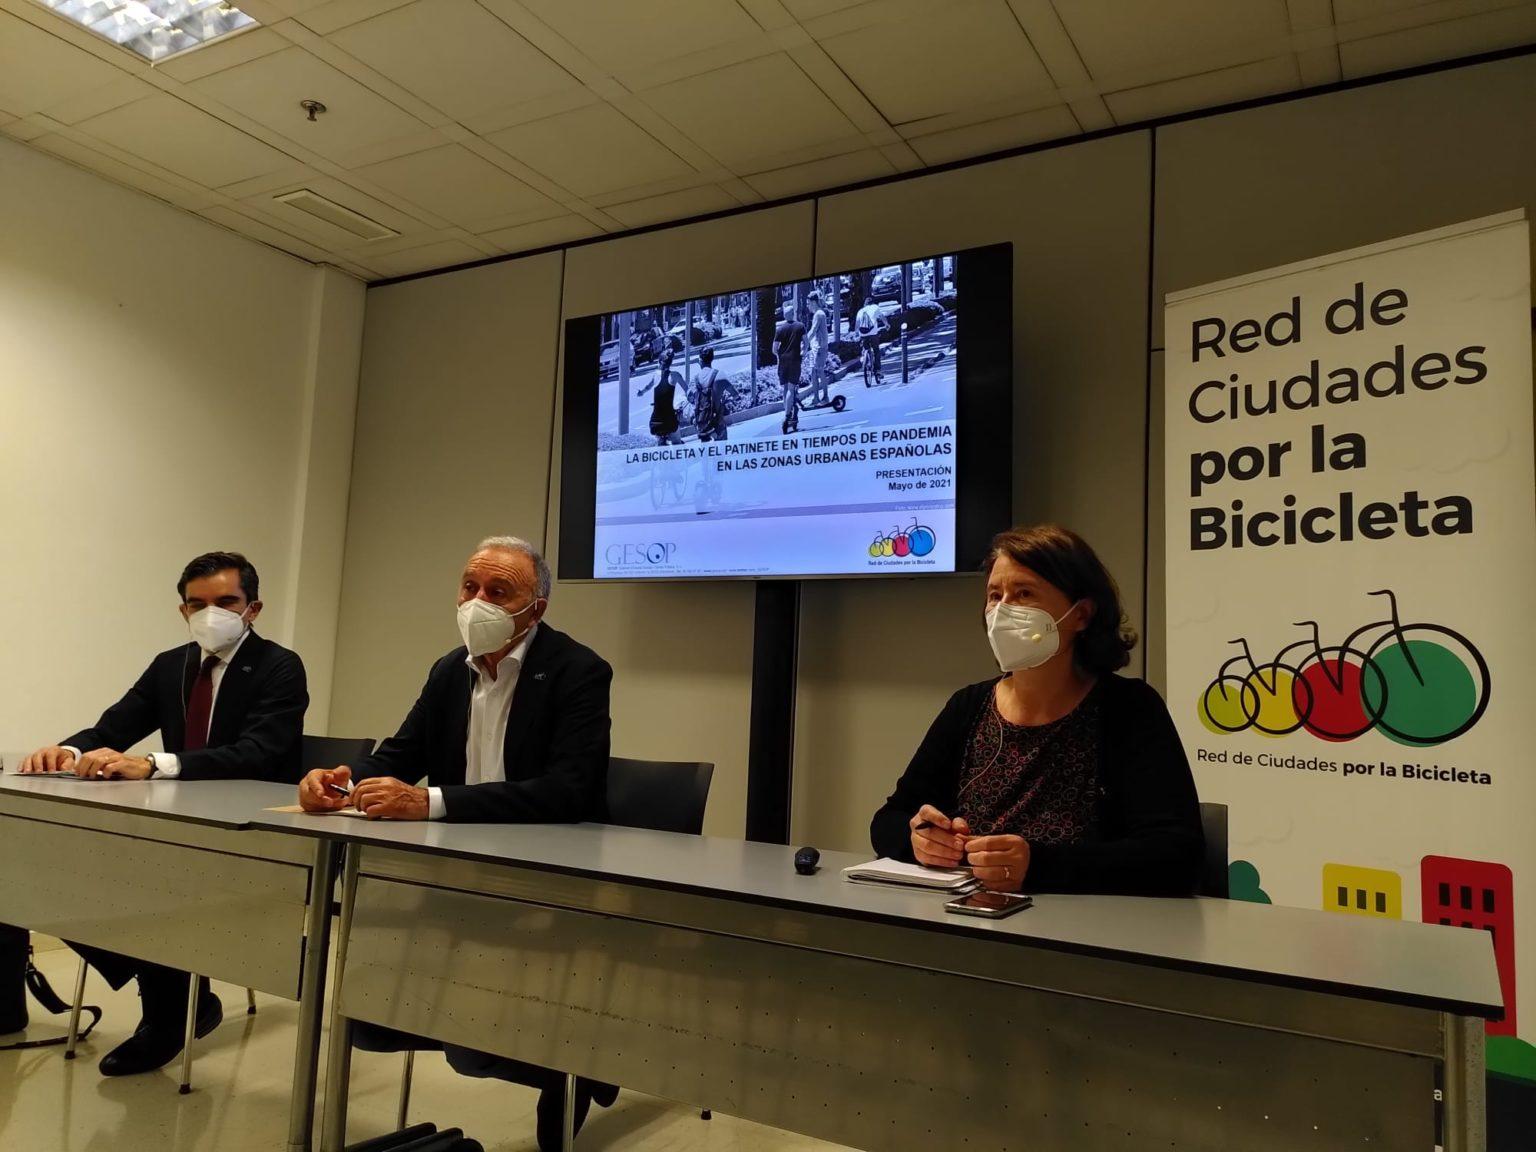 La pandemia genera más de 700.000 nuevos usuarios de la bicicleta en España